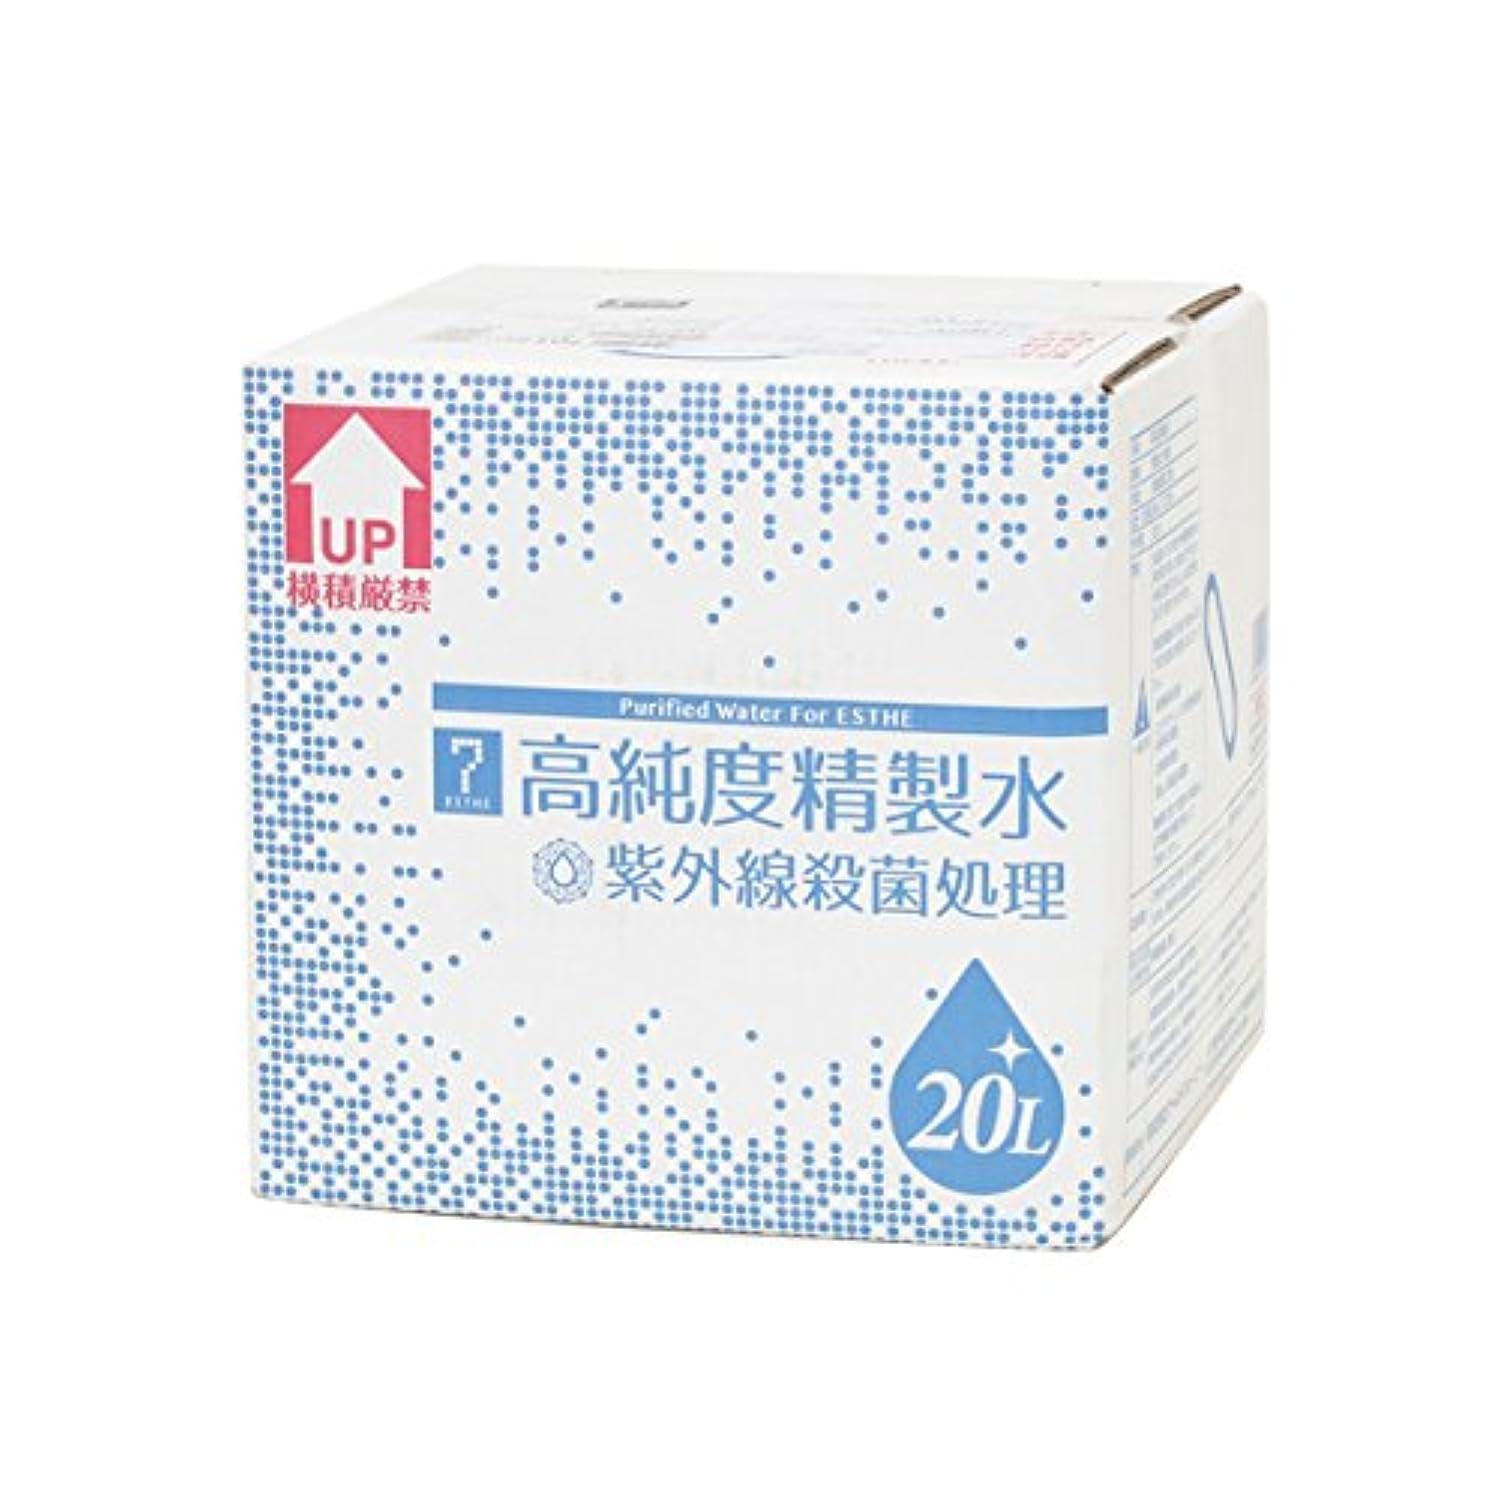 クラス掃除シニス高純度 精製水 20L (コック付) [ 精製水 純水 エステ スチーマー フェイシャルスチーマー 美顔器 ]